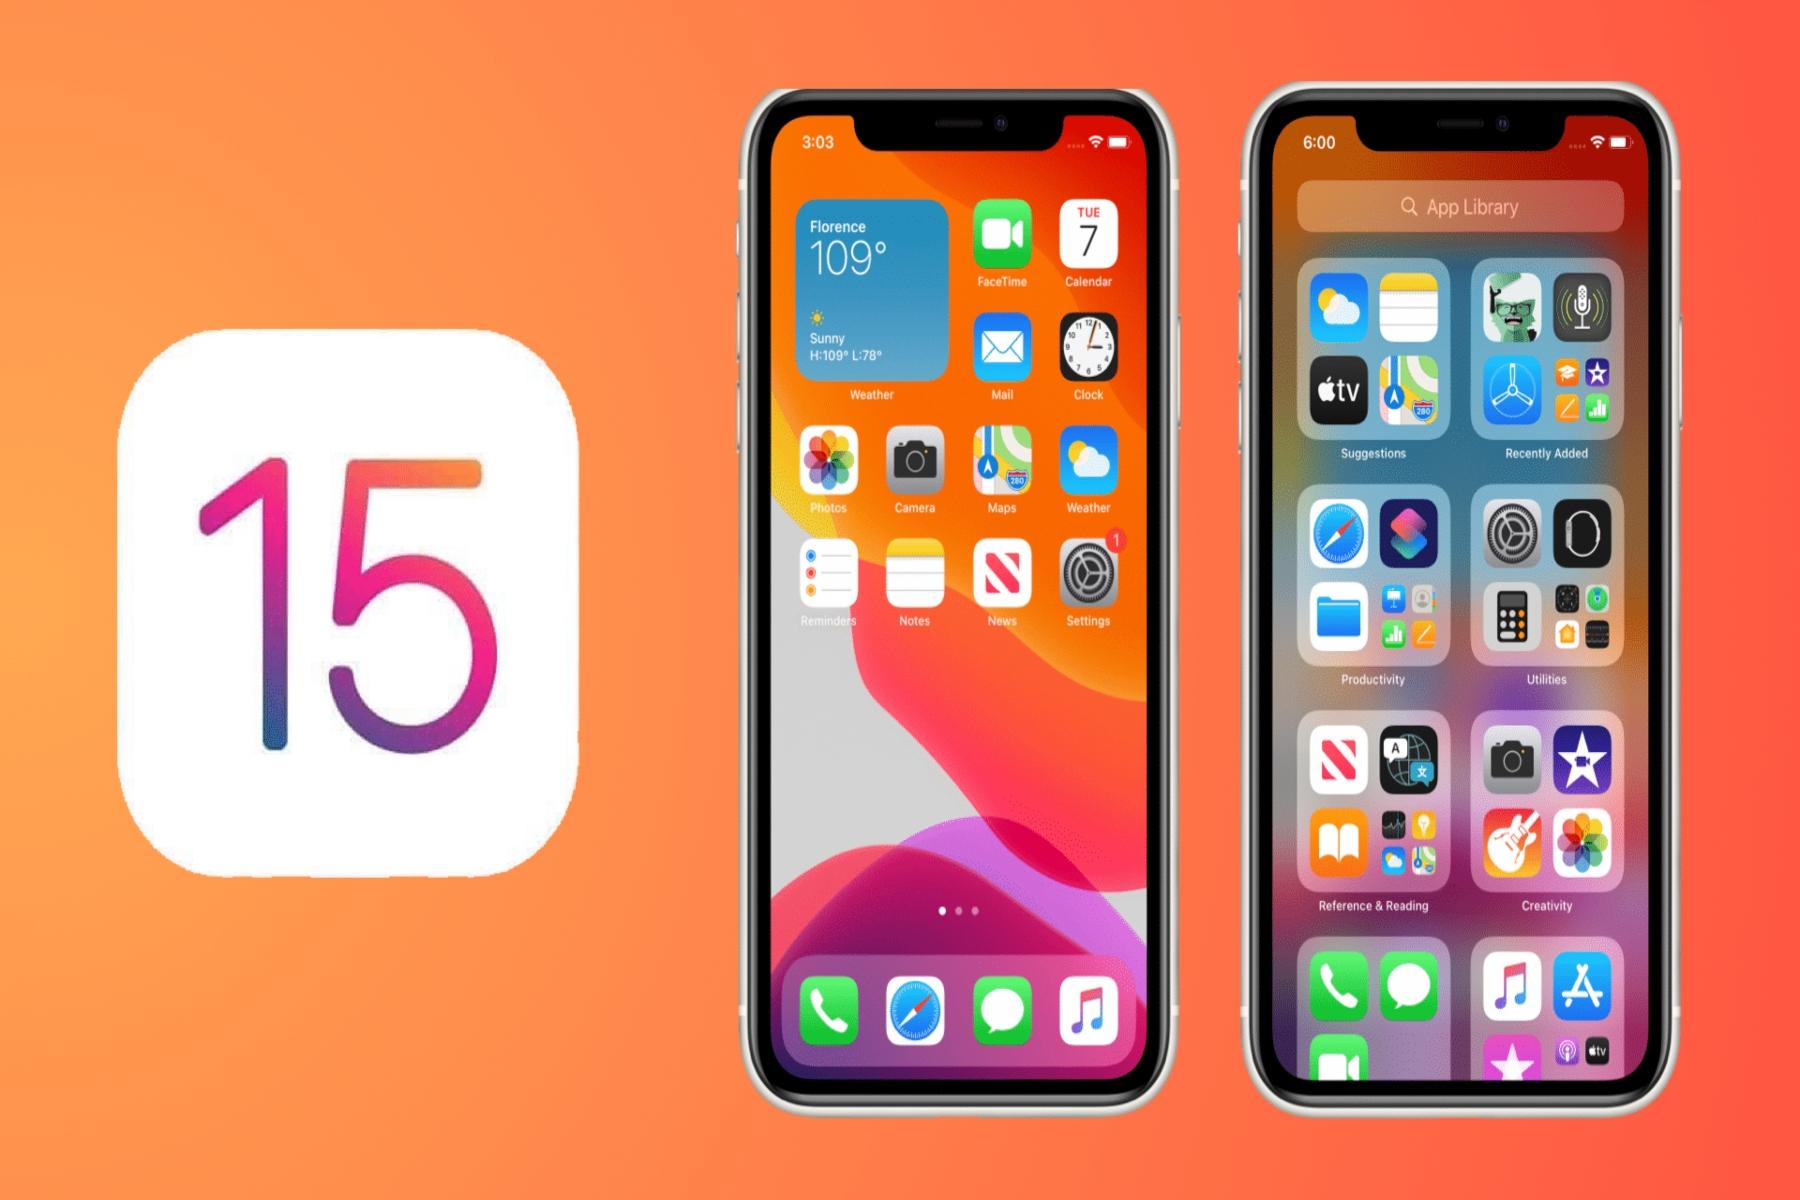 iOS 15: Διατίθεται στην Ελλάδα από Δευτέρα 20/09 το πολυαναμενόμενο νέο λογισμικό της Apple με εξαιρετικές βελτιώσεις